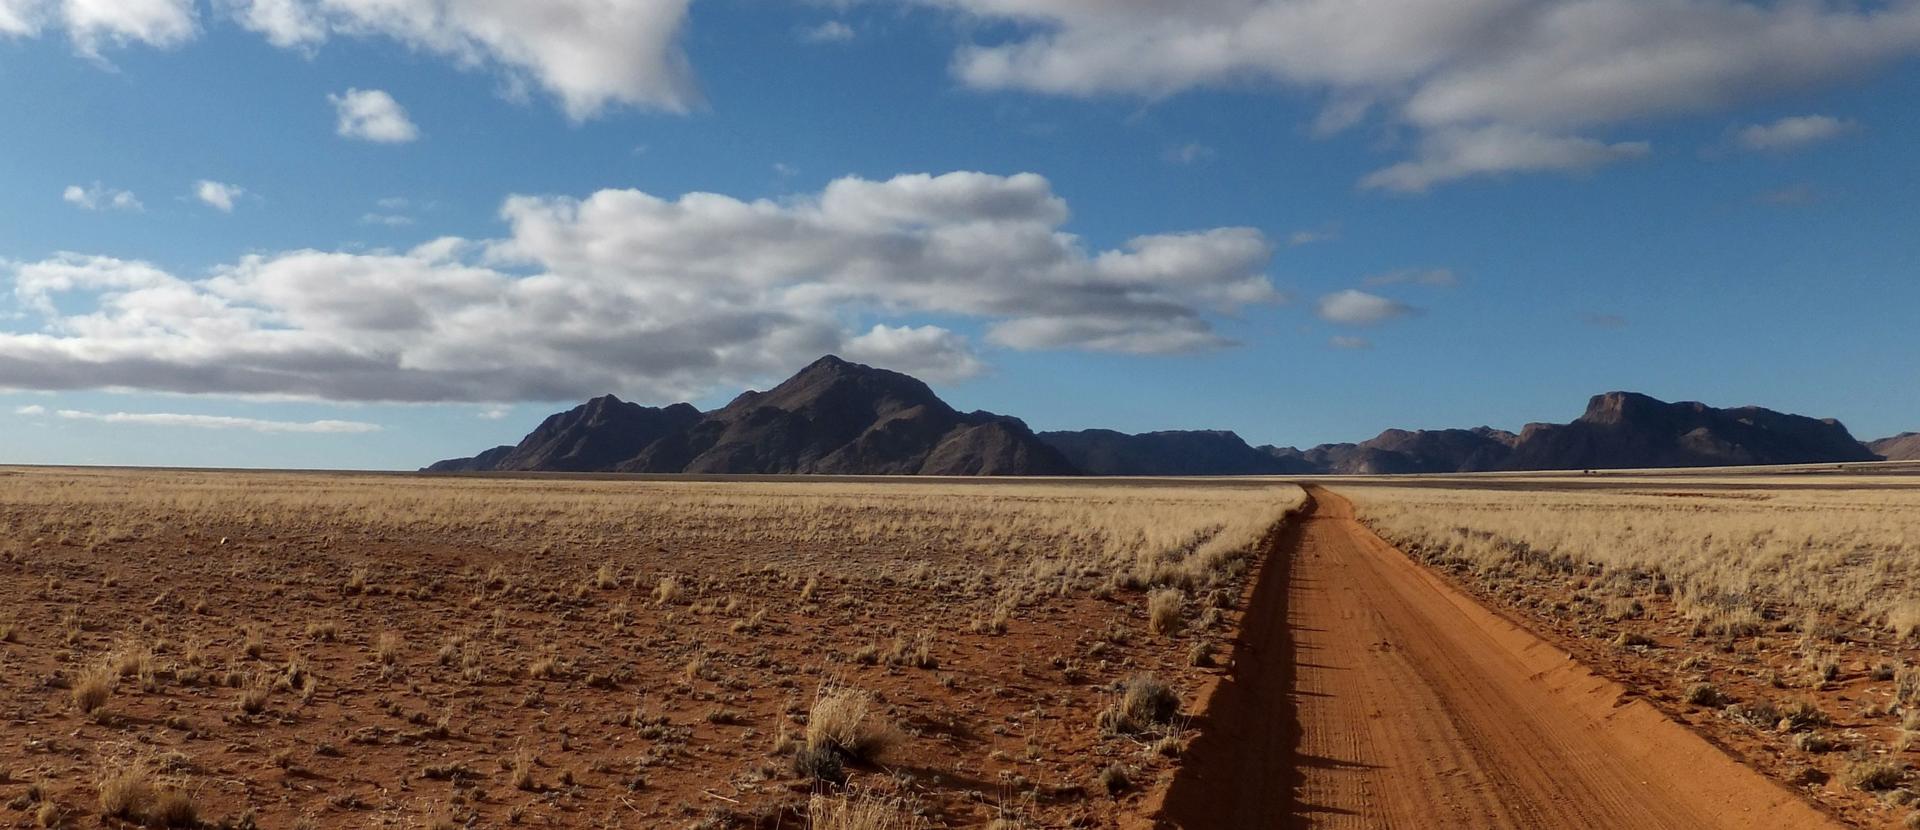 Krajobraz wNamibii Krajobraz wNamibii Źródło: licencja: CC 0.